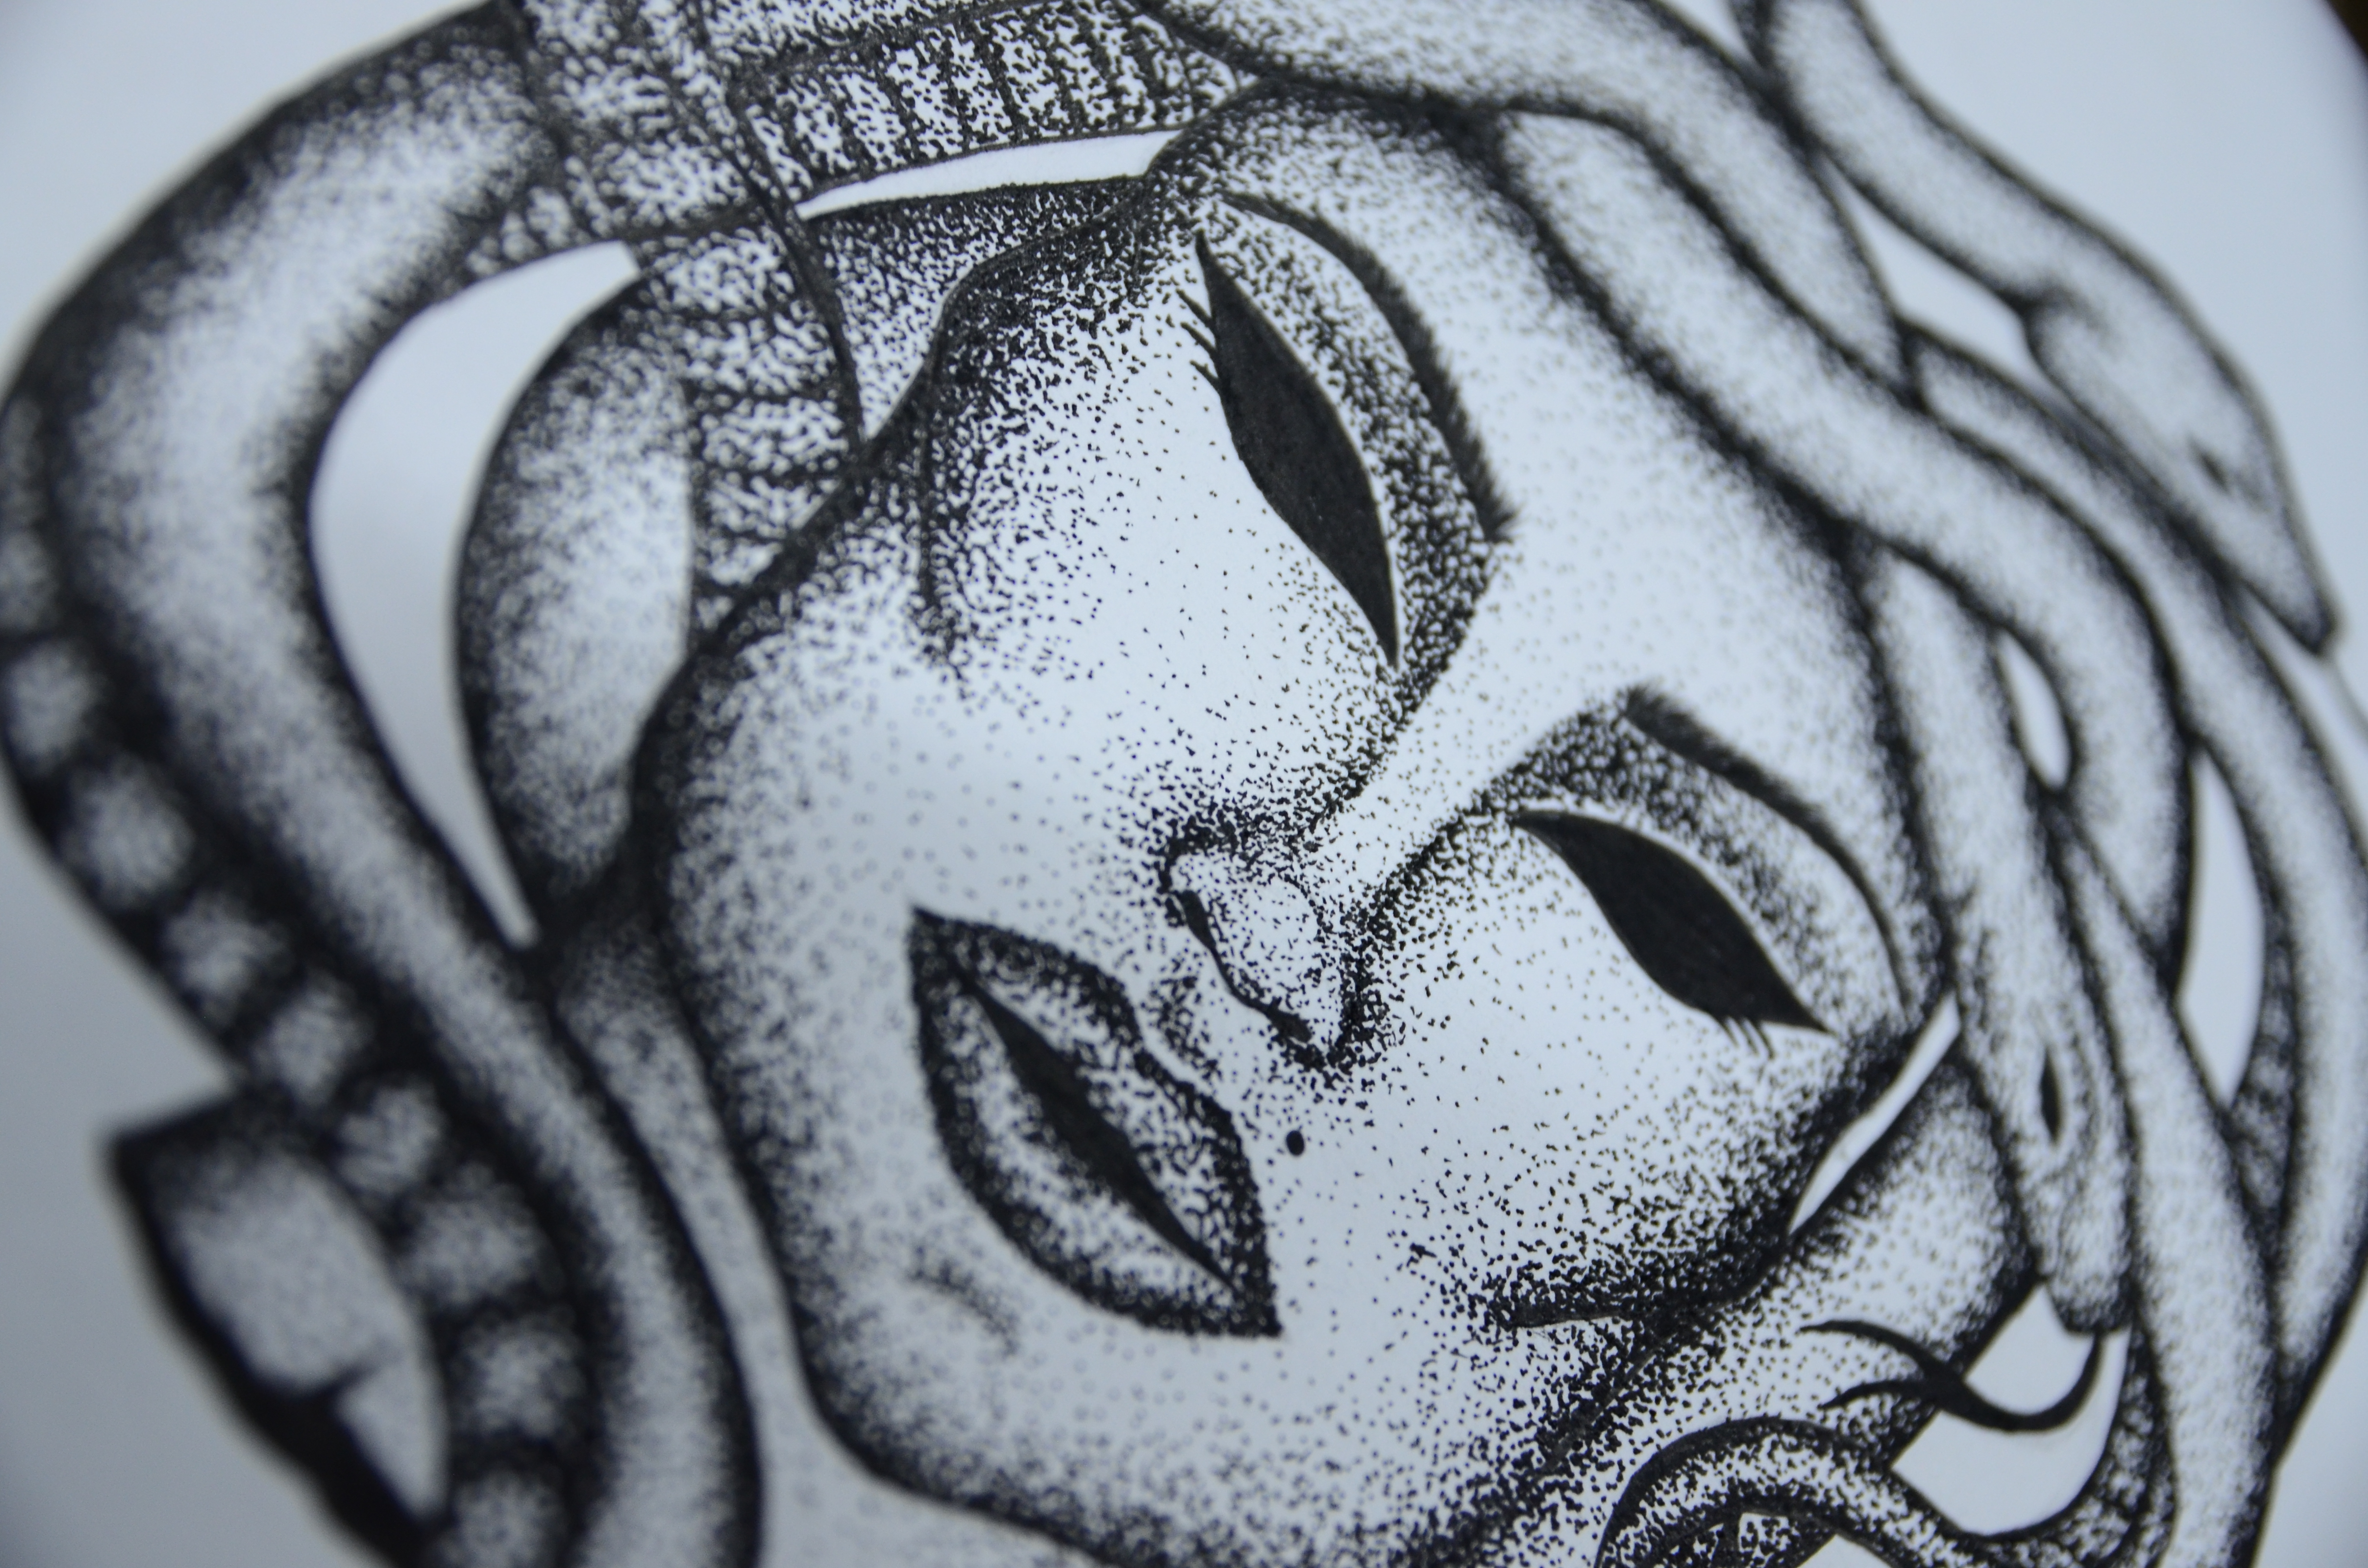 Desenho em pontilhismo criado durante o curso de Desenho e Ilustração